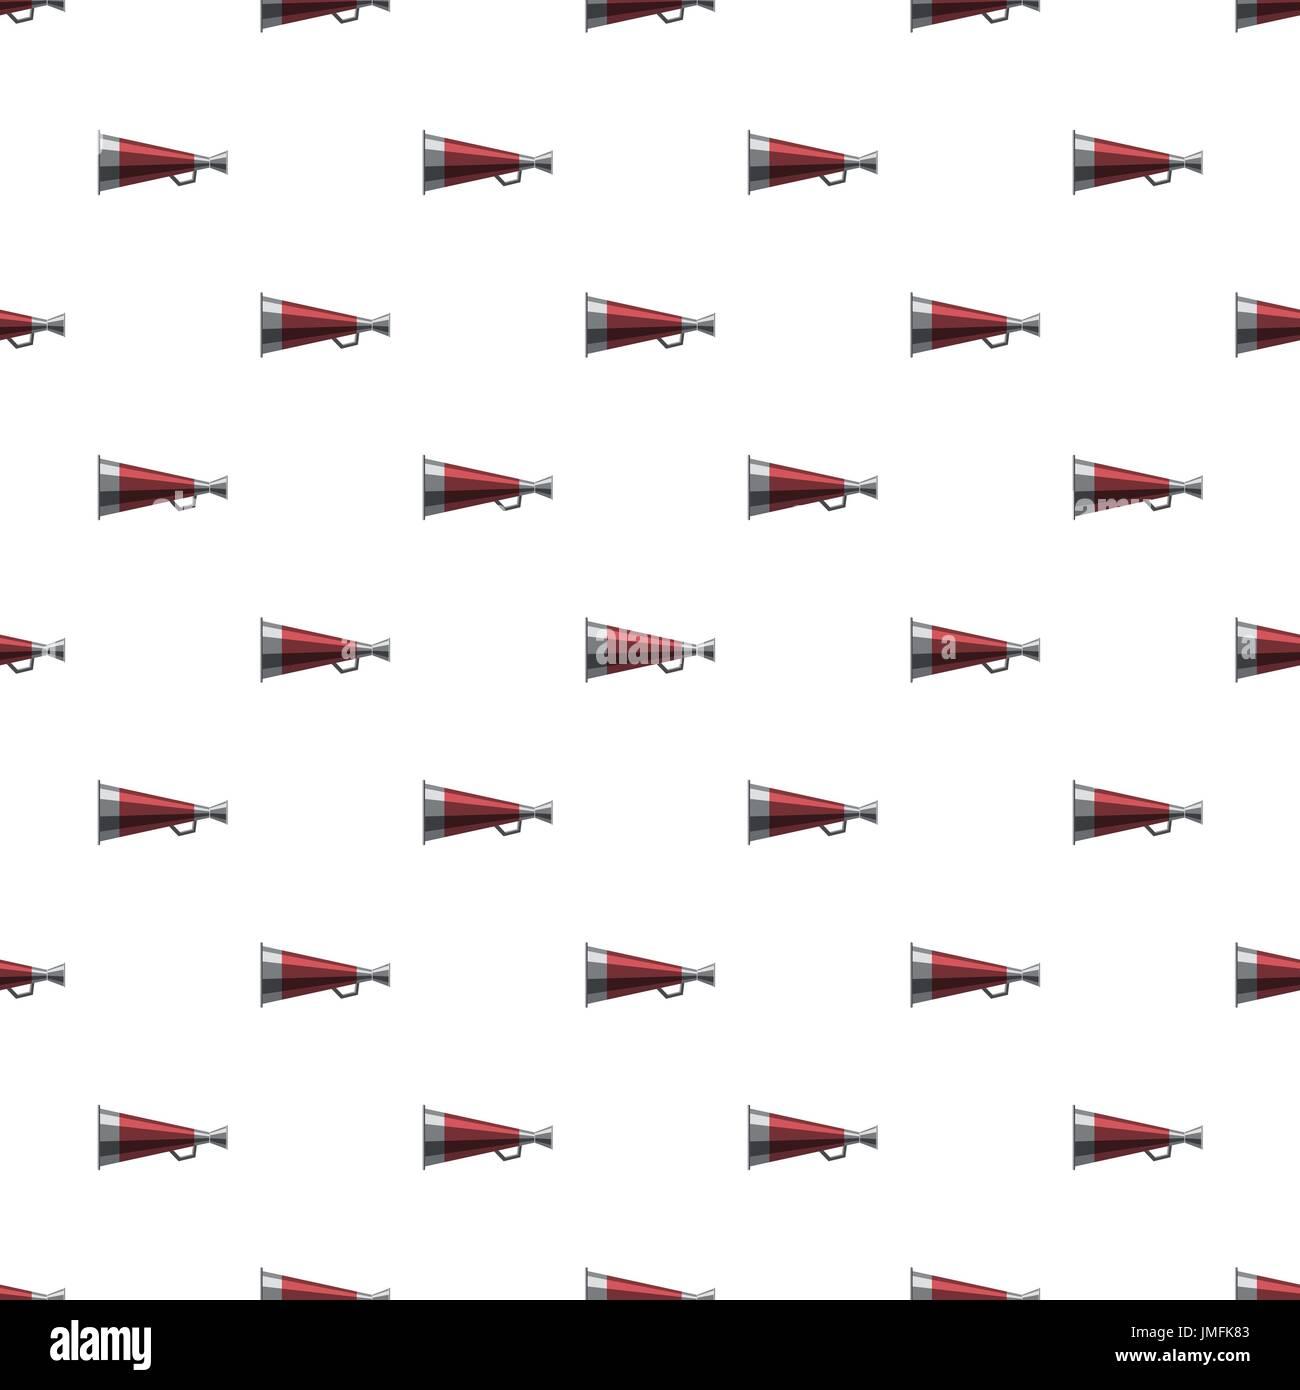 Mouthpiece pattern - Stock Image